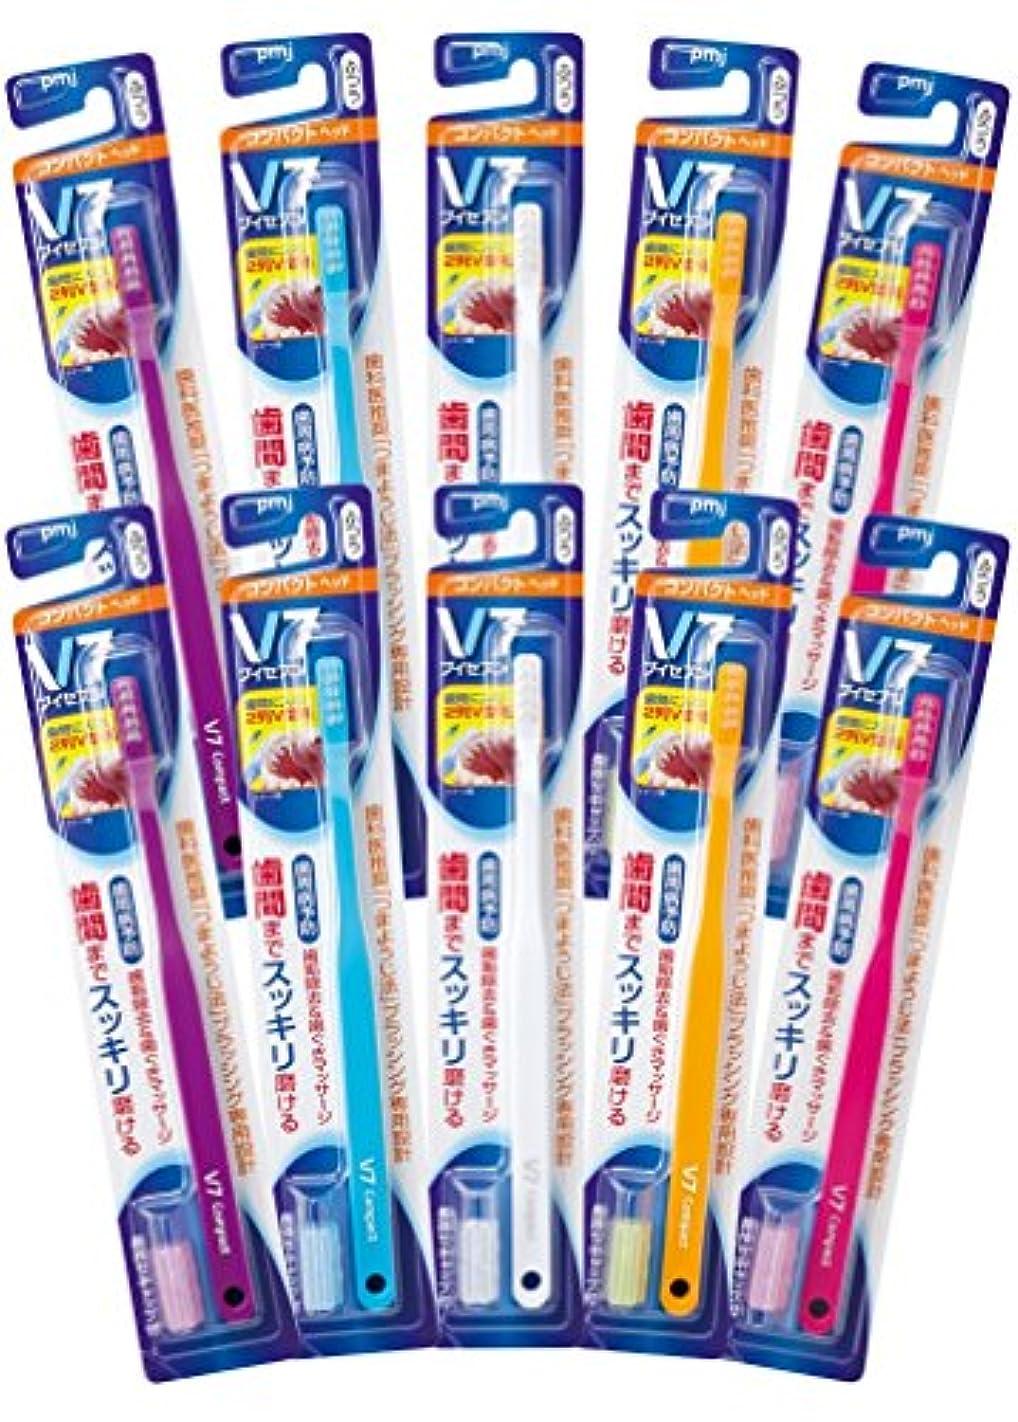 敬ルール道に迷いましたつまようじ法 歯ブラシ V-7 コンパクトヘッド ブリスター 10本入